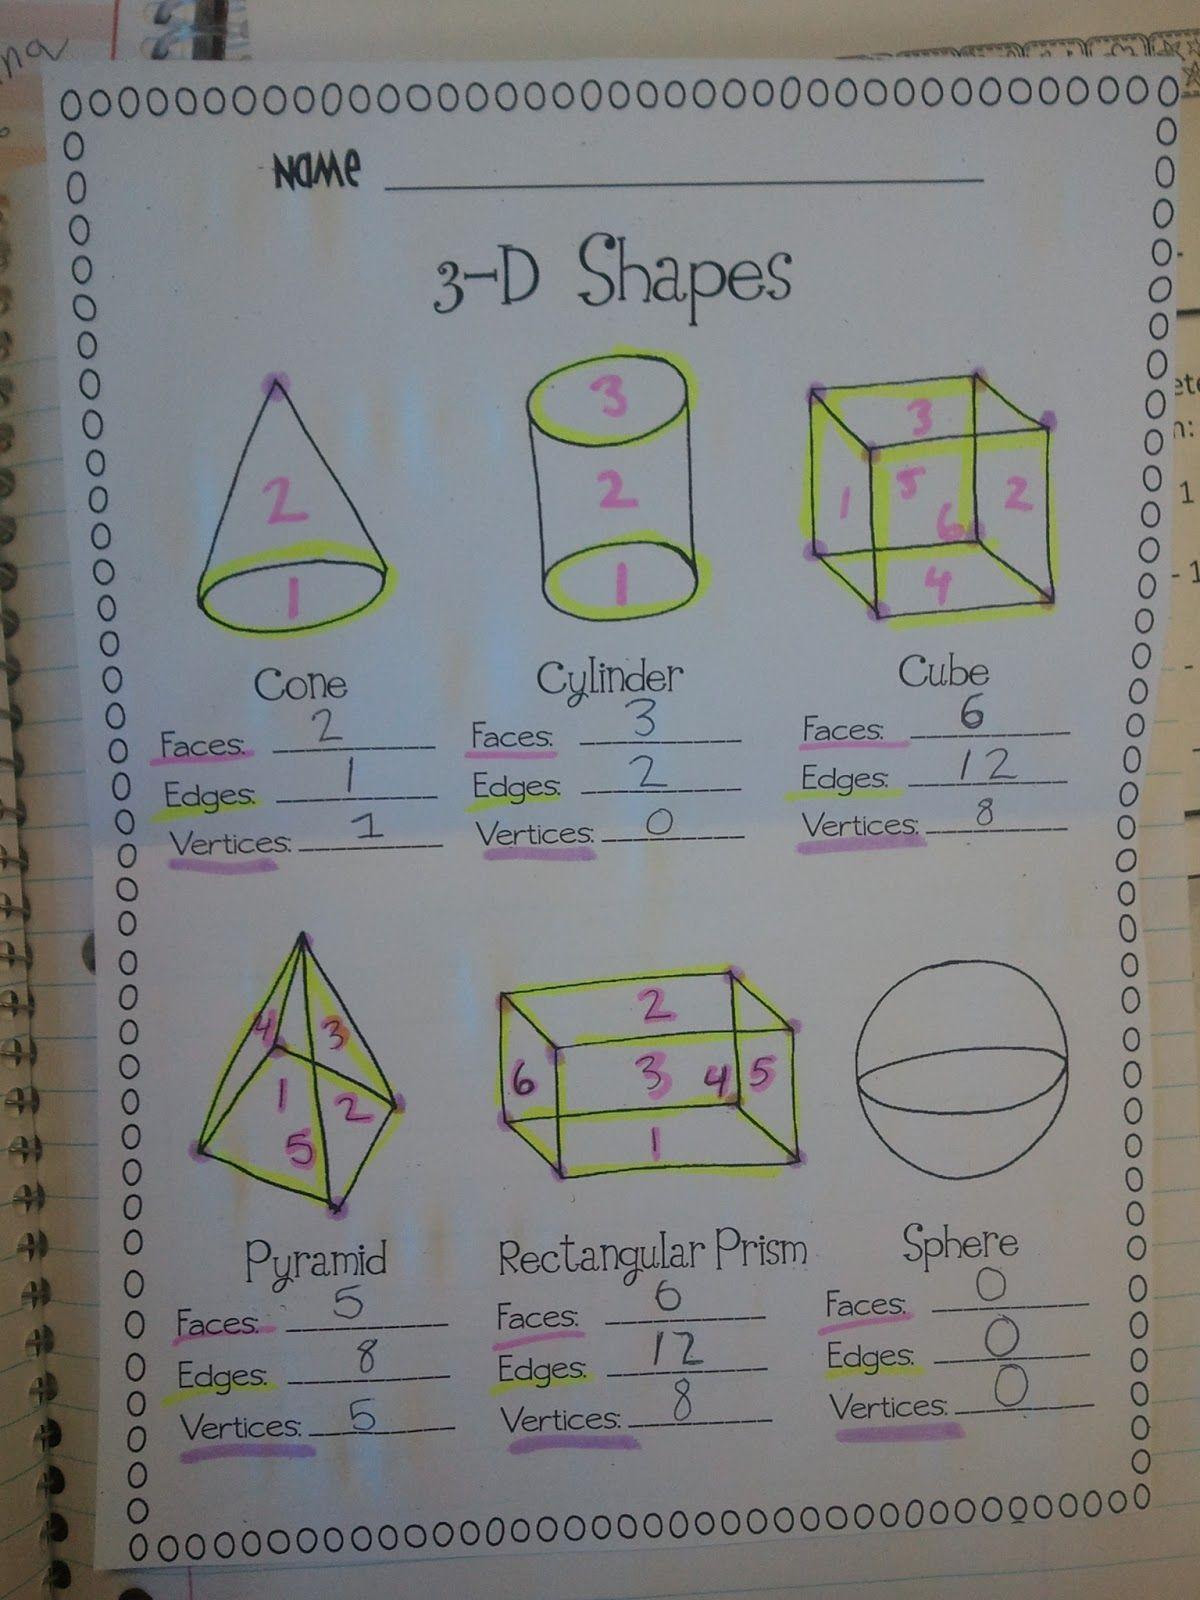 3d Shapes Vertices Faces Amp Edges Simon Says Geometry